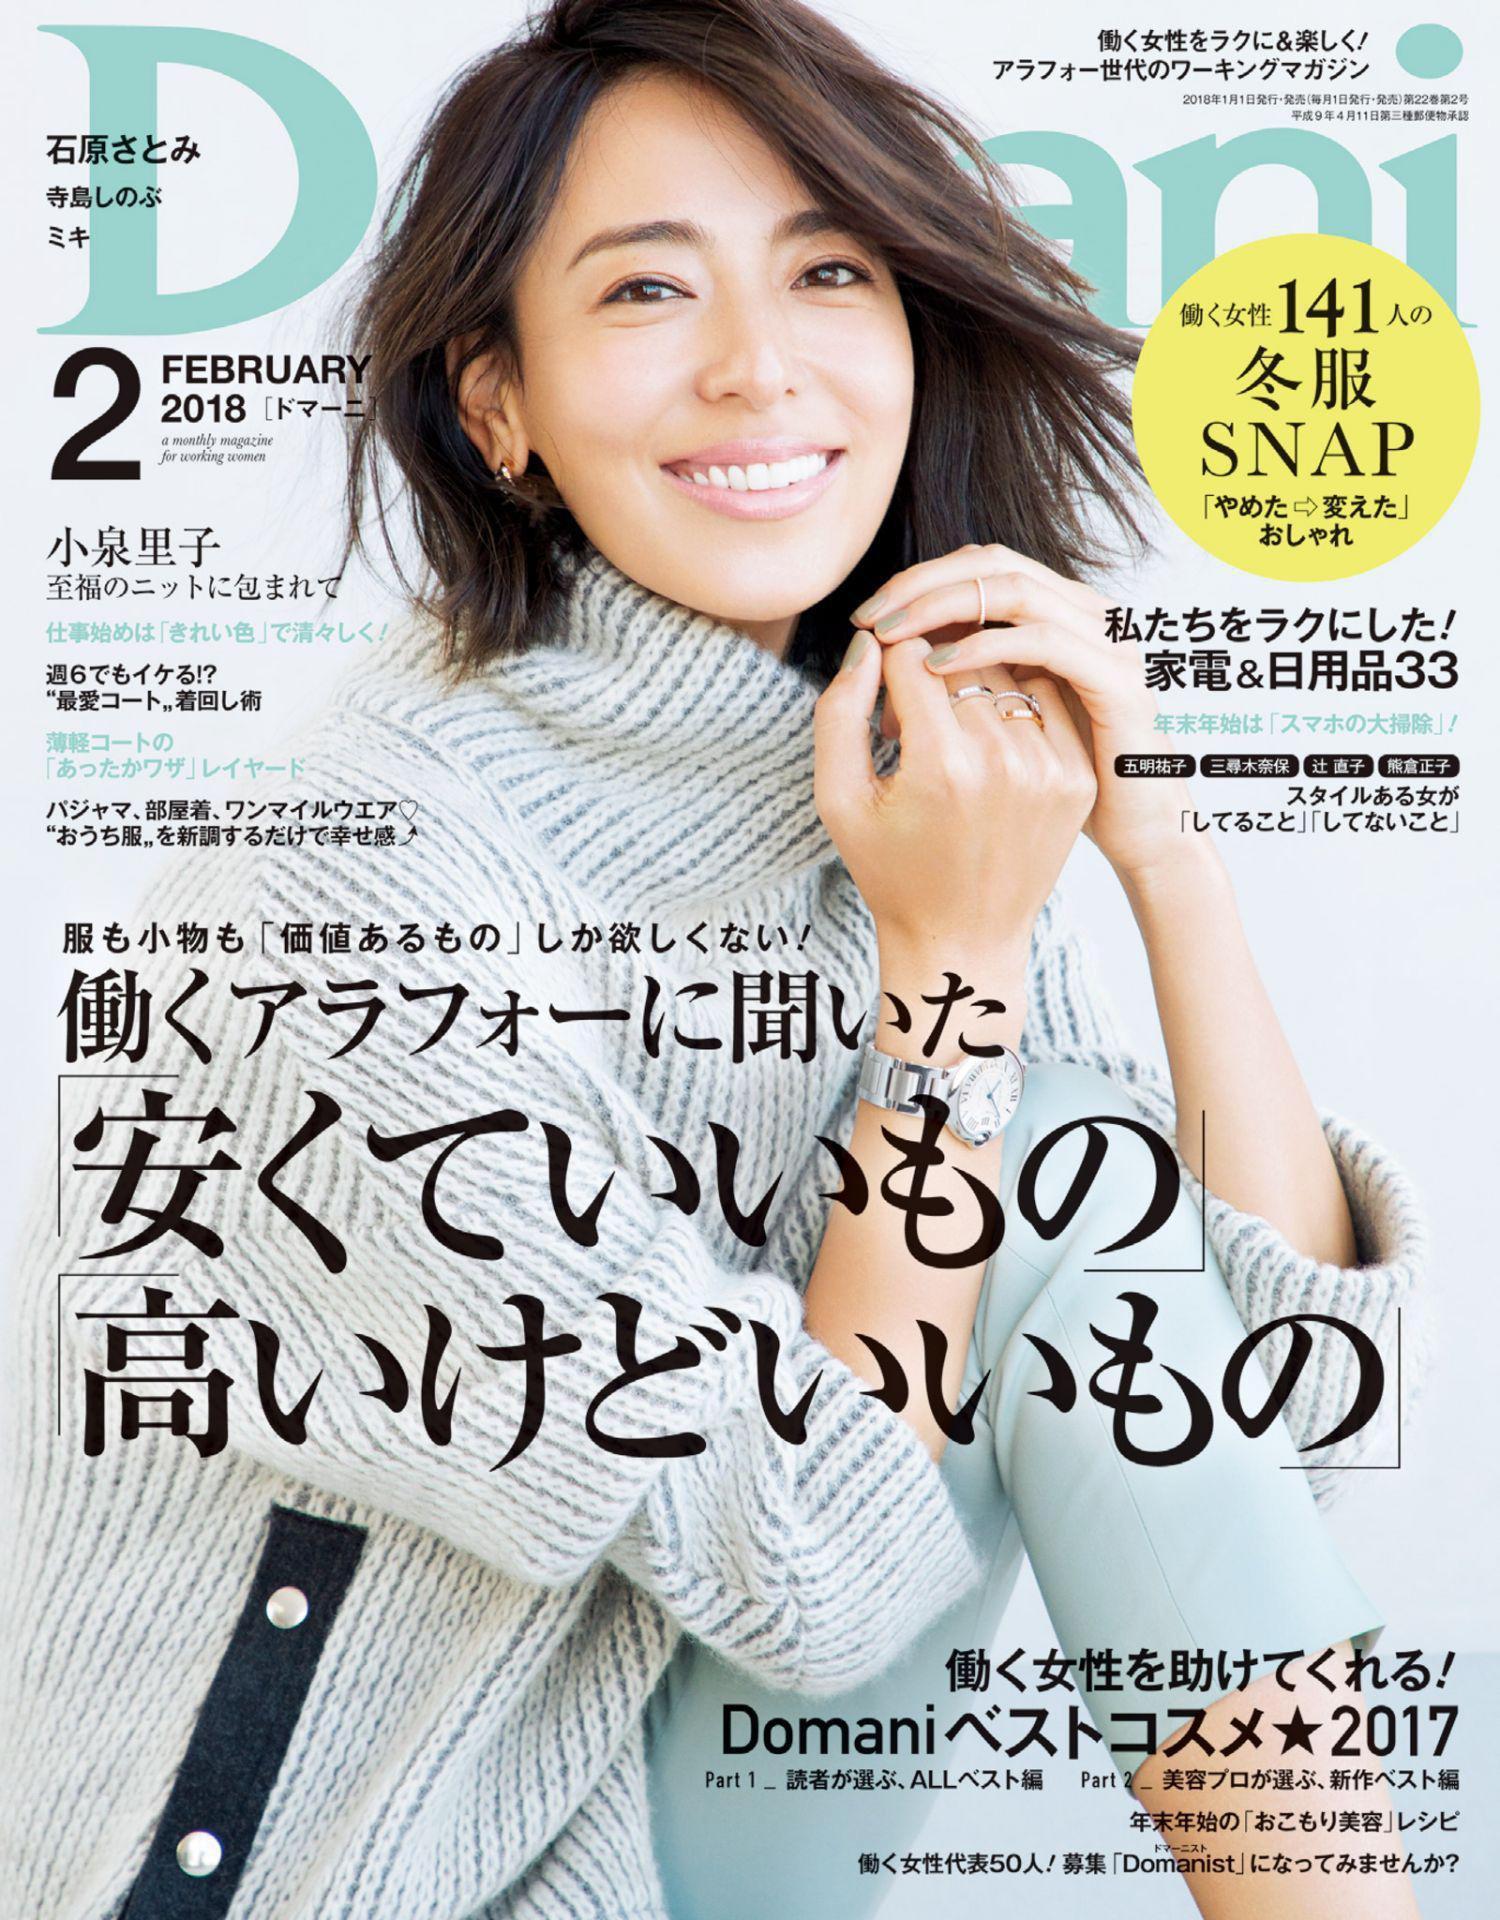 журнал домани 2018 2 октября, Япония японки зрелые дамы мода пр наряд